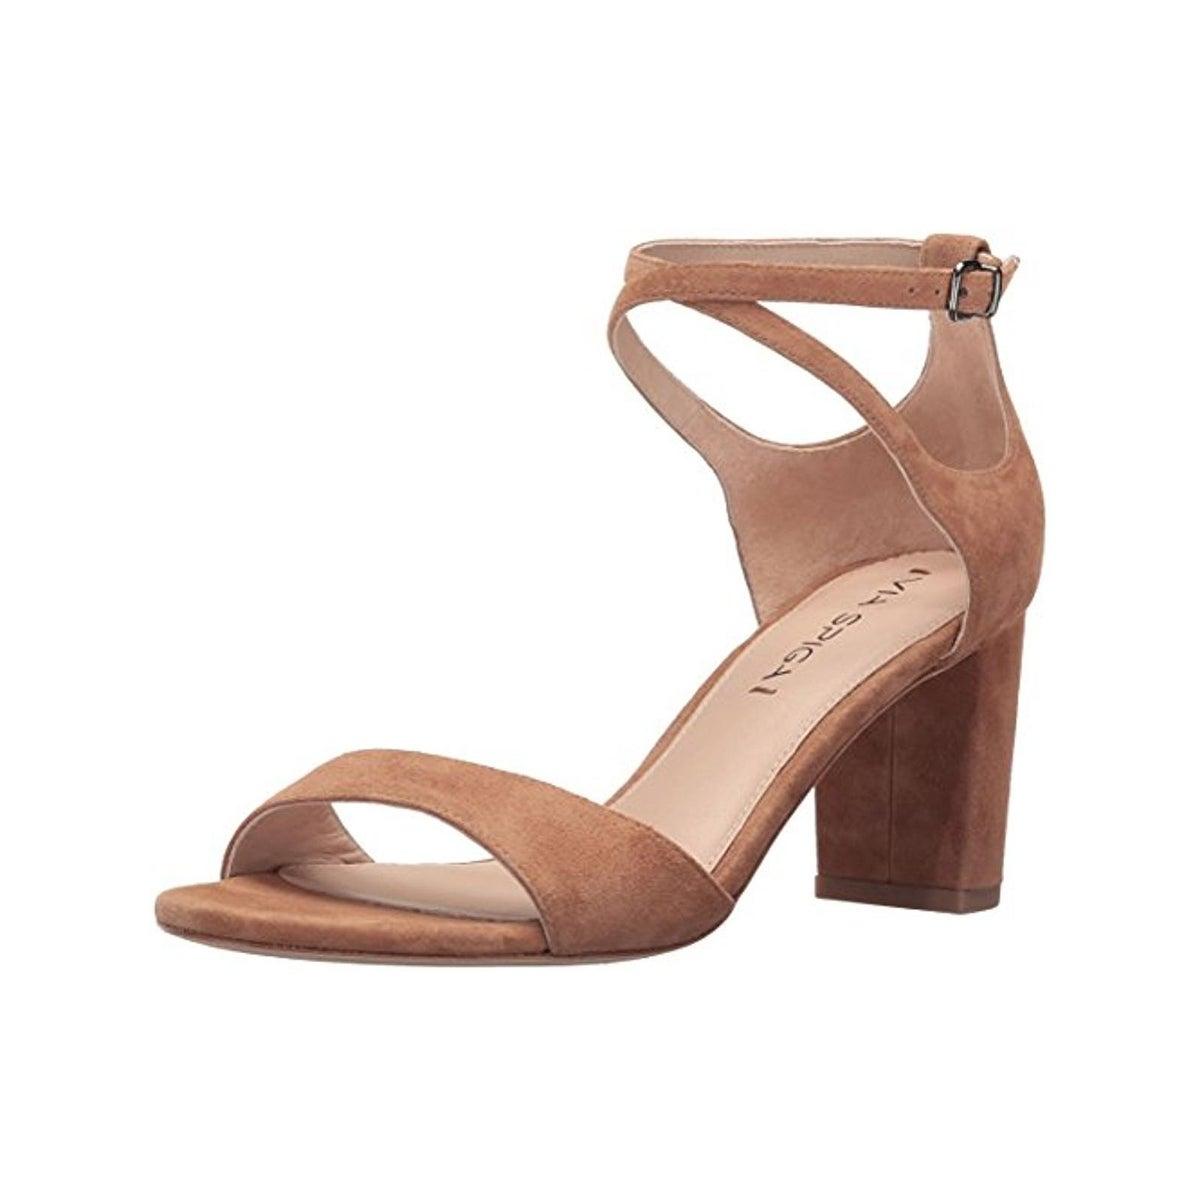 9fd623c90d Buy Via Spiga Women's Sandals Online at Overstock   Our Best Women's Shoes  Deals